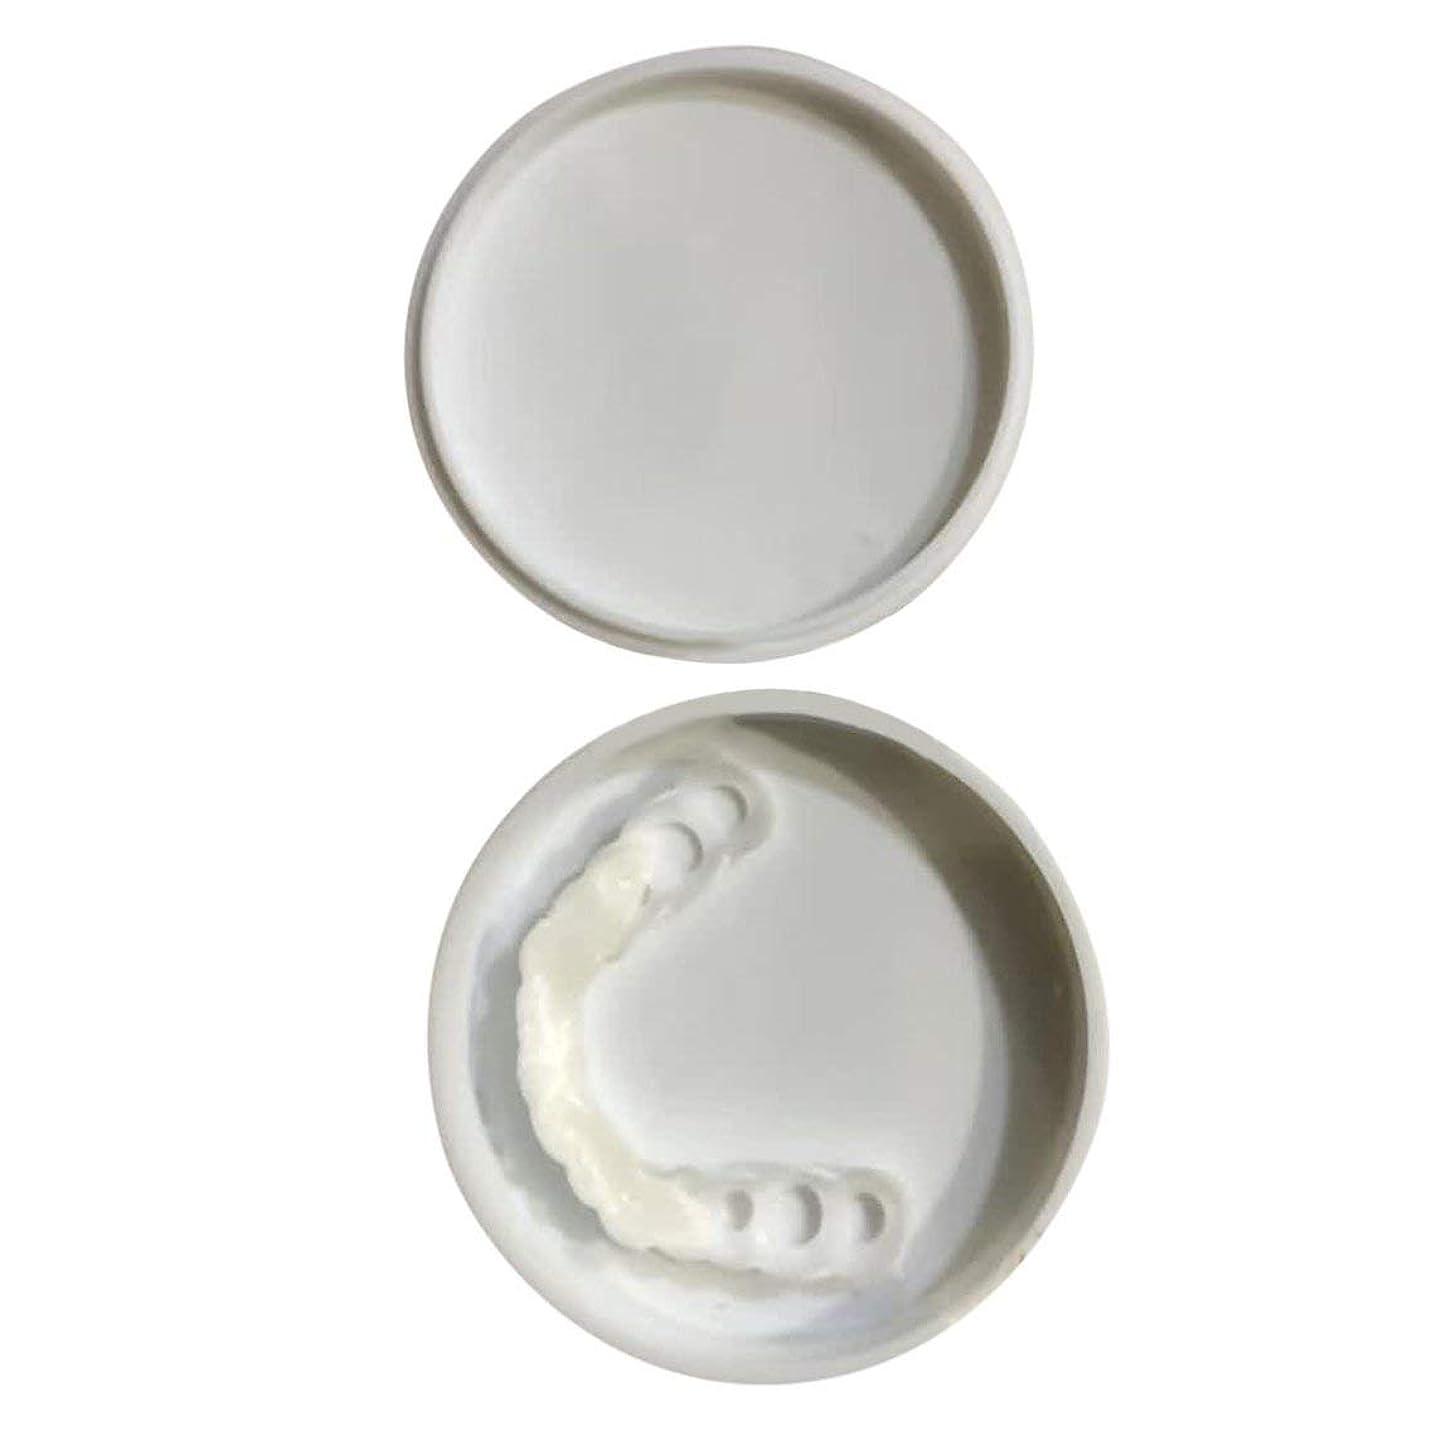 道徳途方もない急性快適なスナップオン男性女性歯インスタントパーフェクトスマイルコンフォートフィットフレックス歯フィットホワイトニング笑顔偽歯カバー - ホワイト